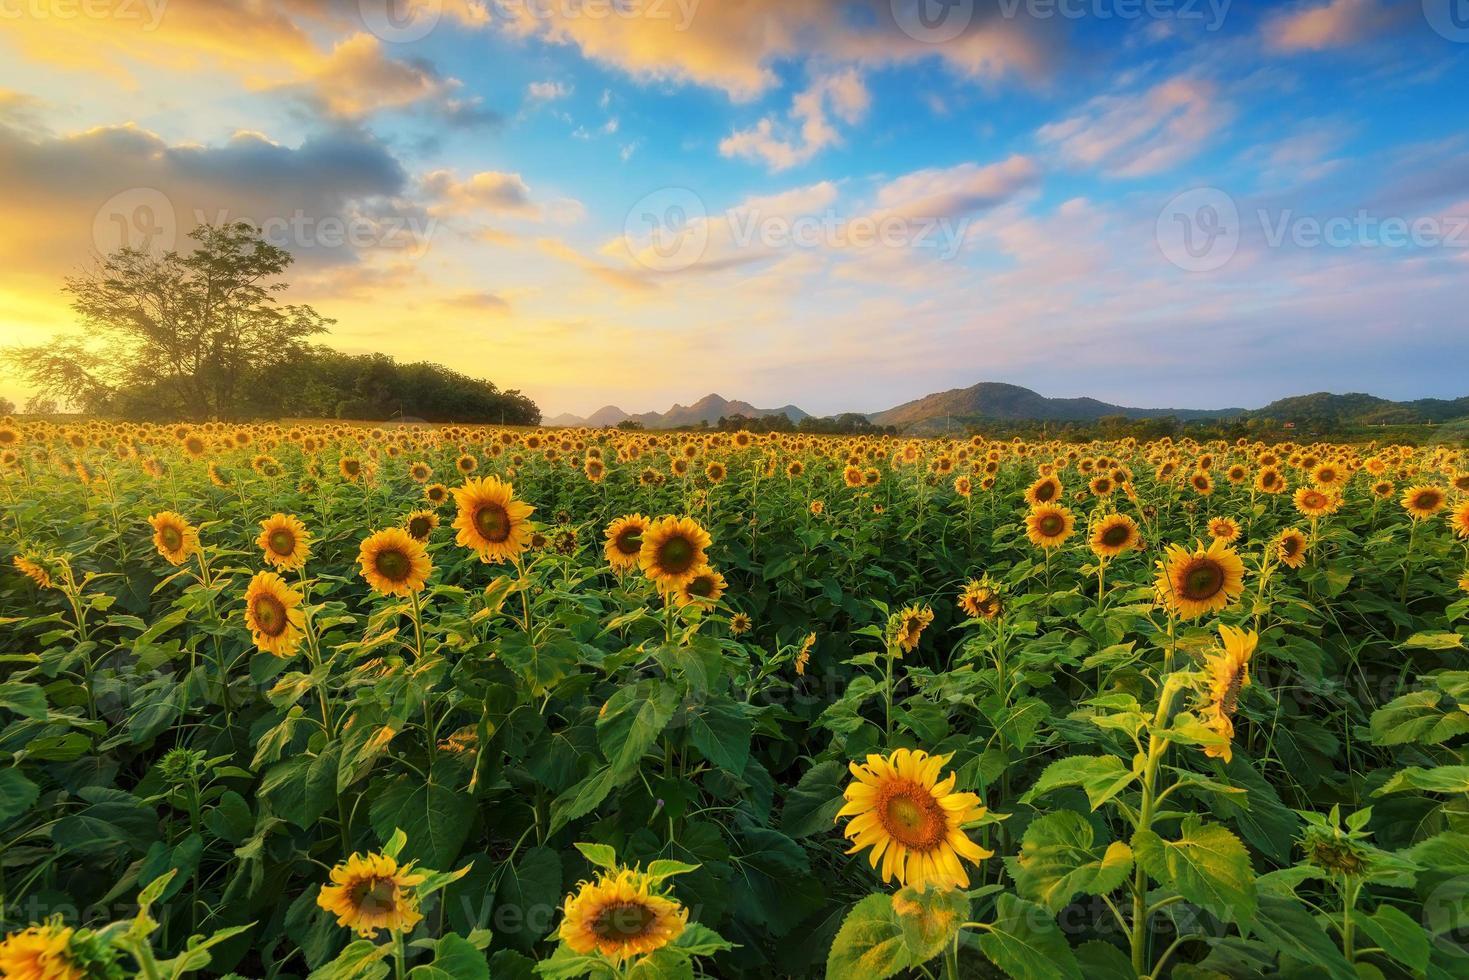 tournesol en fleurs dans un champ avec un ciel coloré. photo